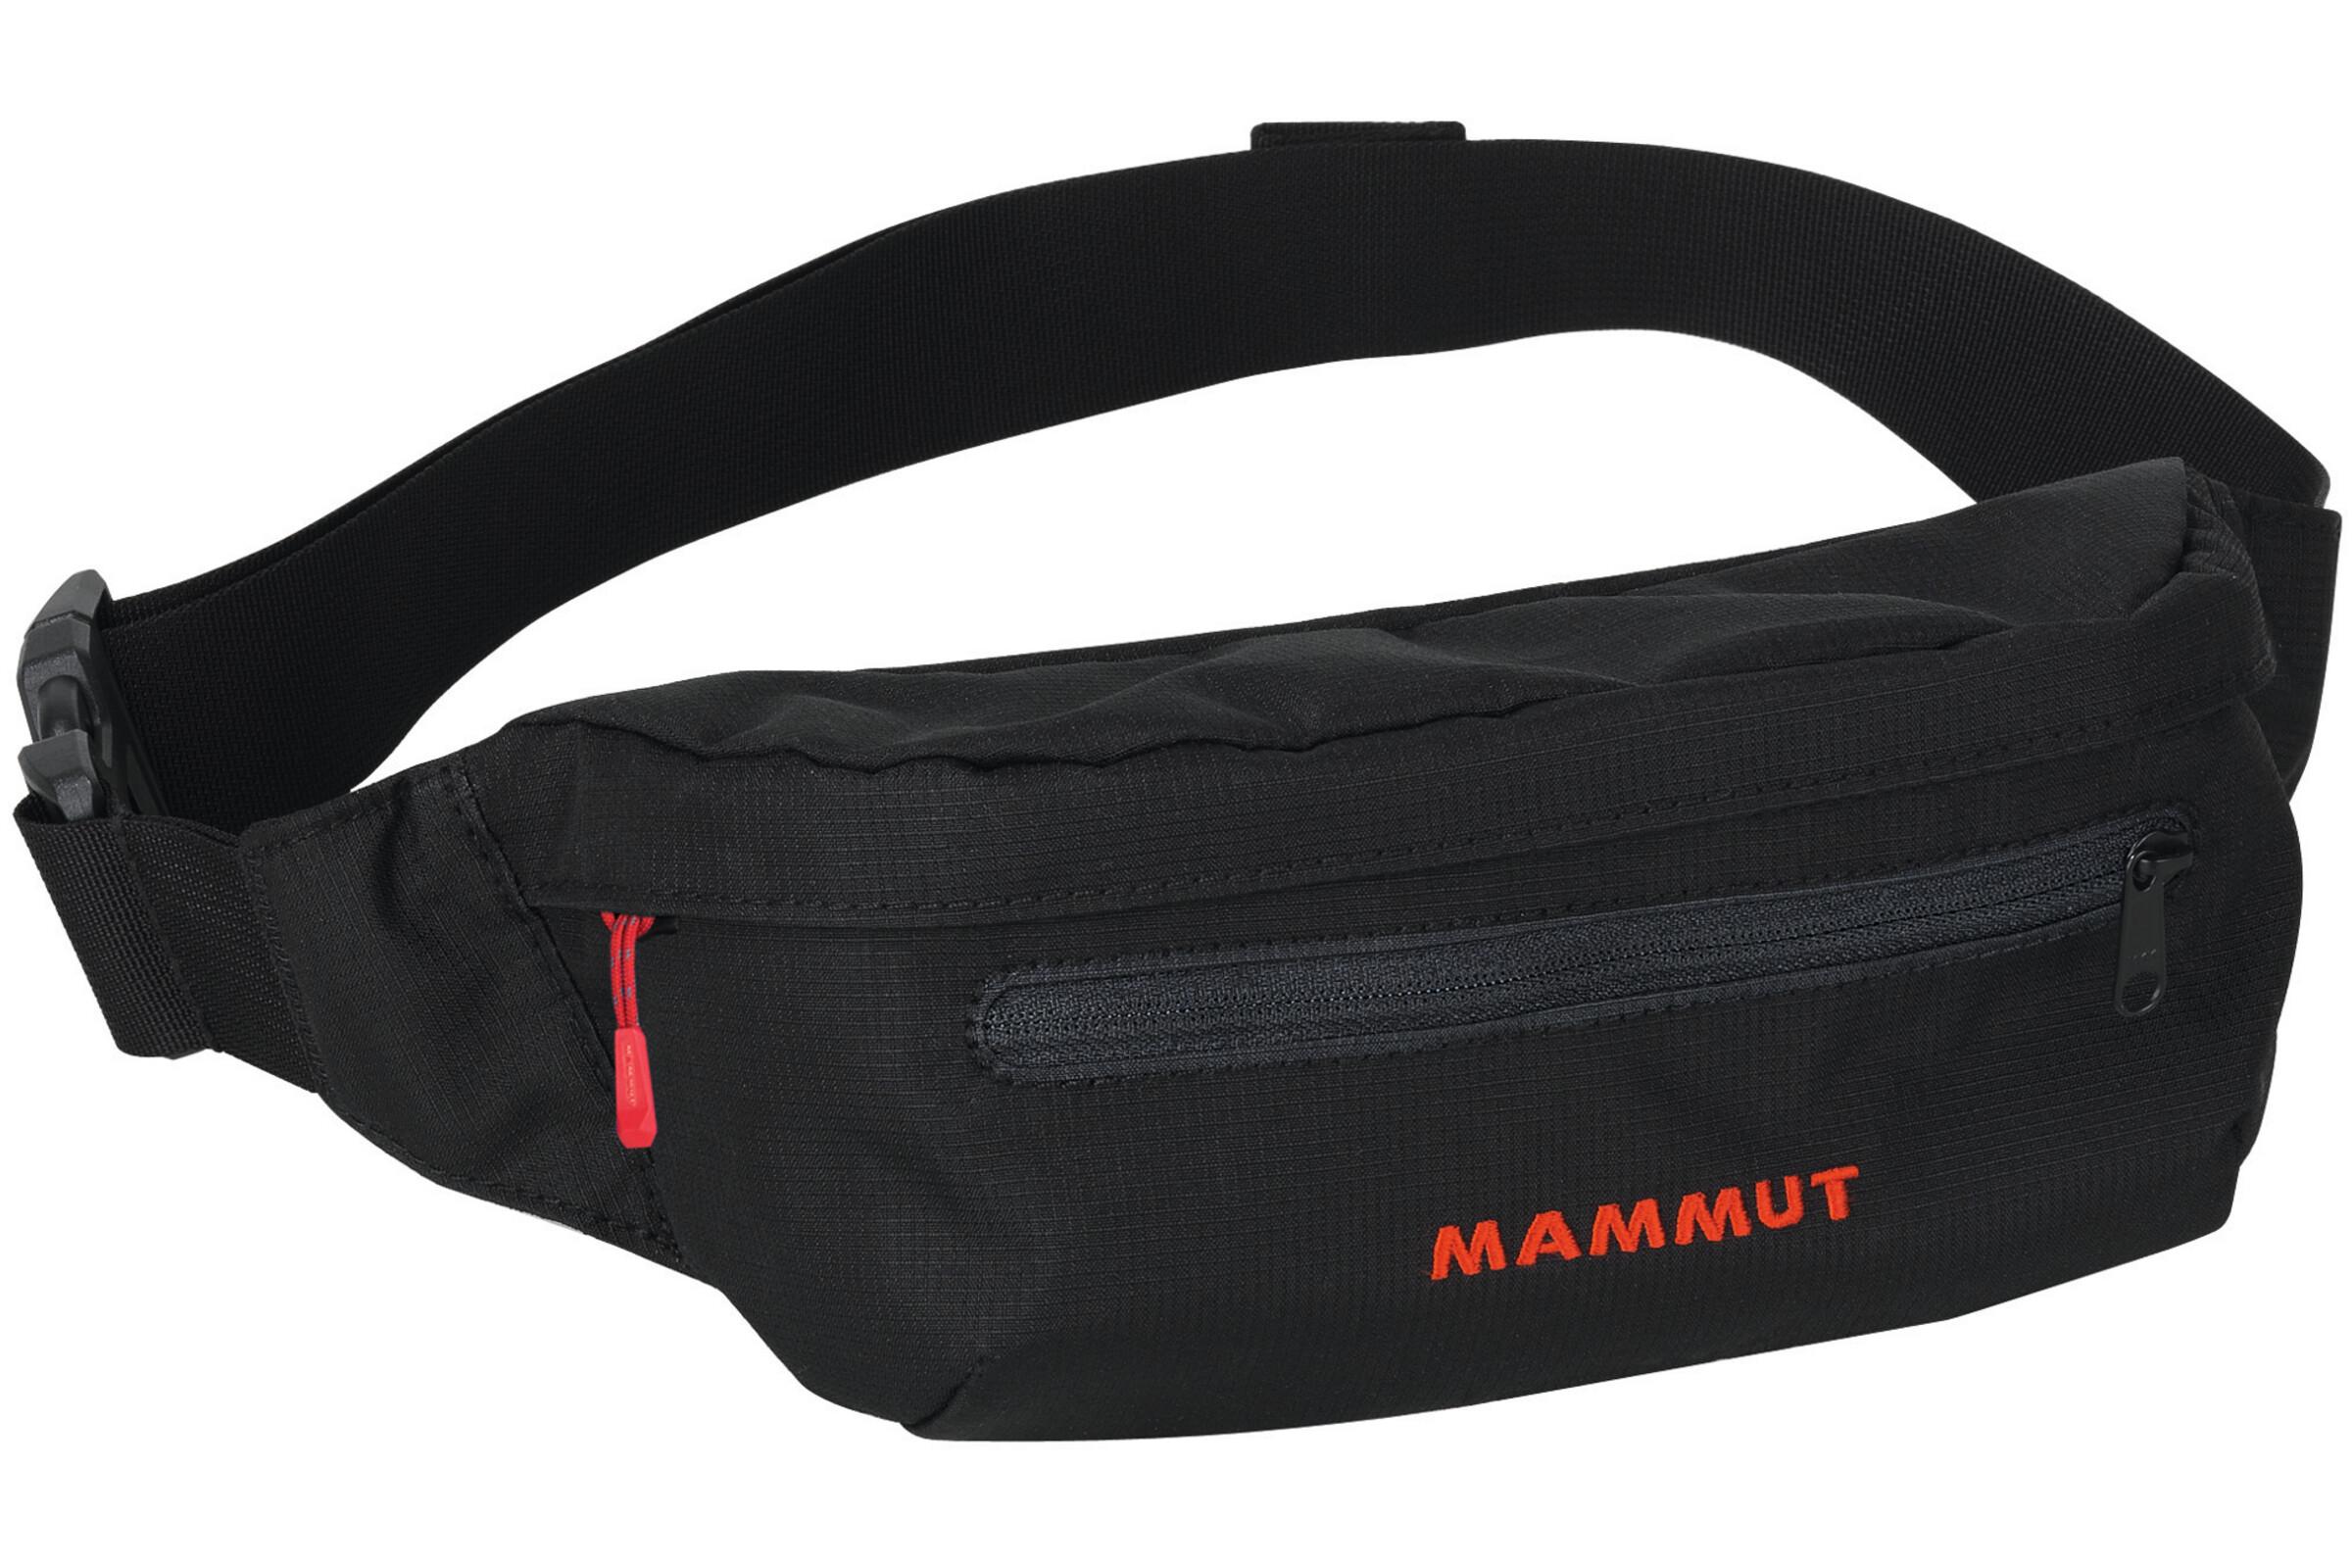 Mammut Klettergurt Erfahrungen : Mammut classic bumbag 1 5l black campz.de